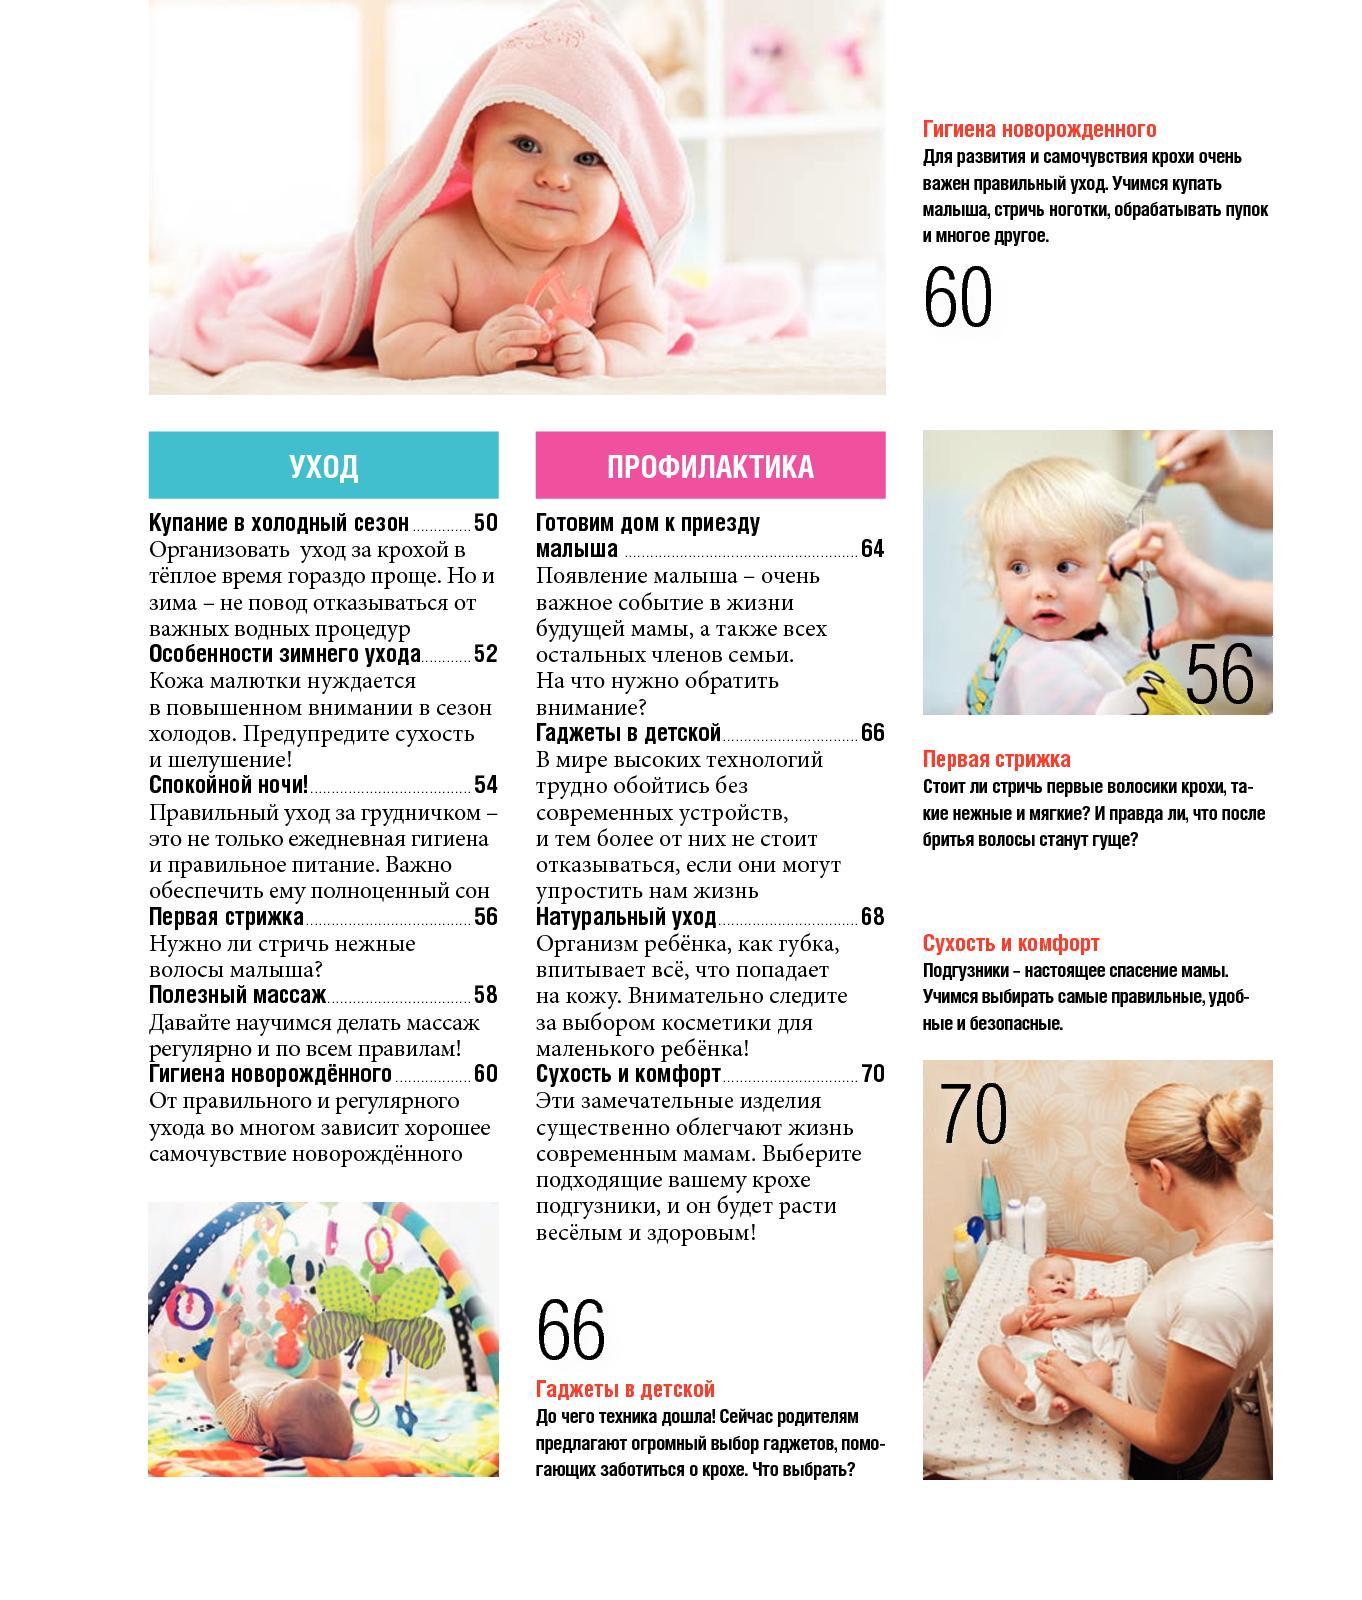 Новорожденный ребенок — 5 вопросов и ответов о здоровье и уходе